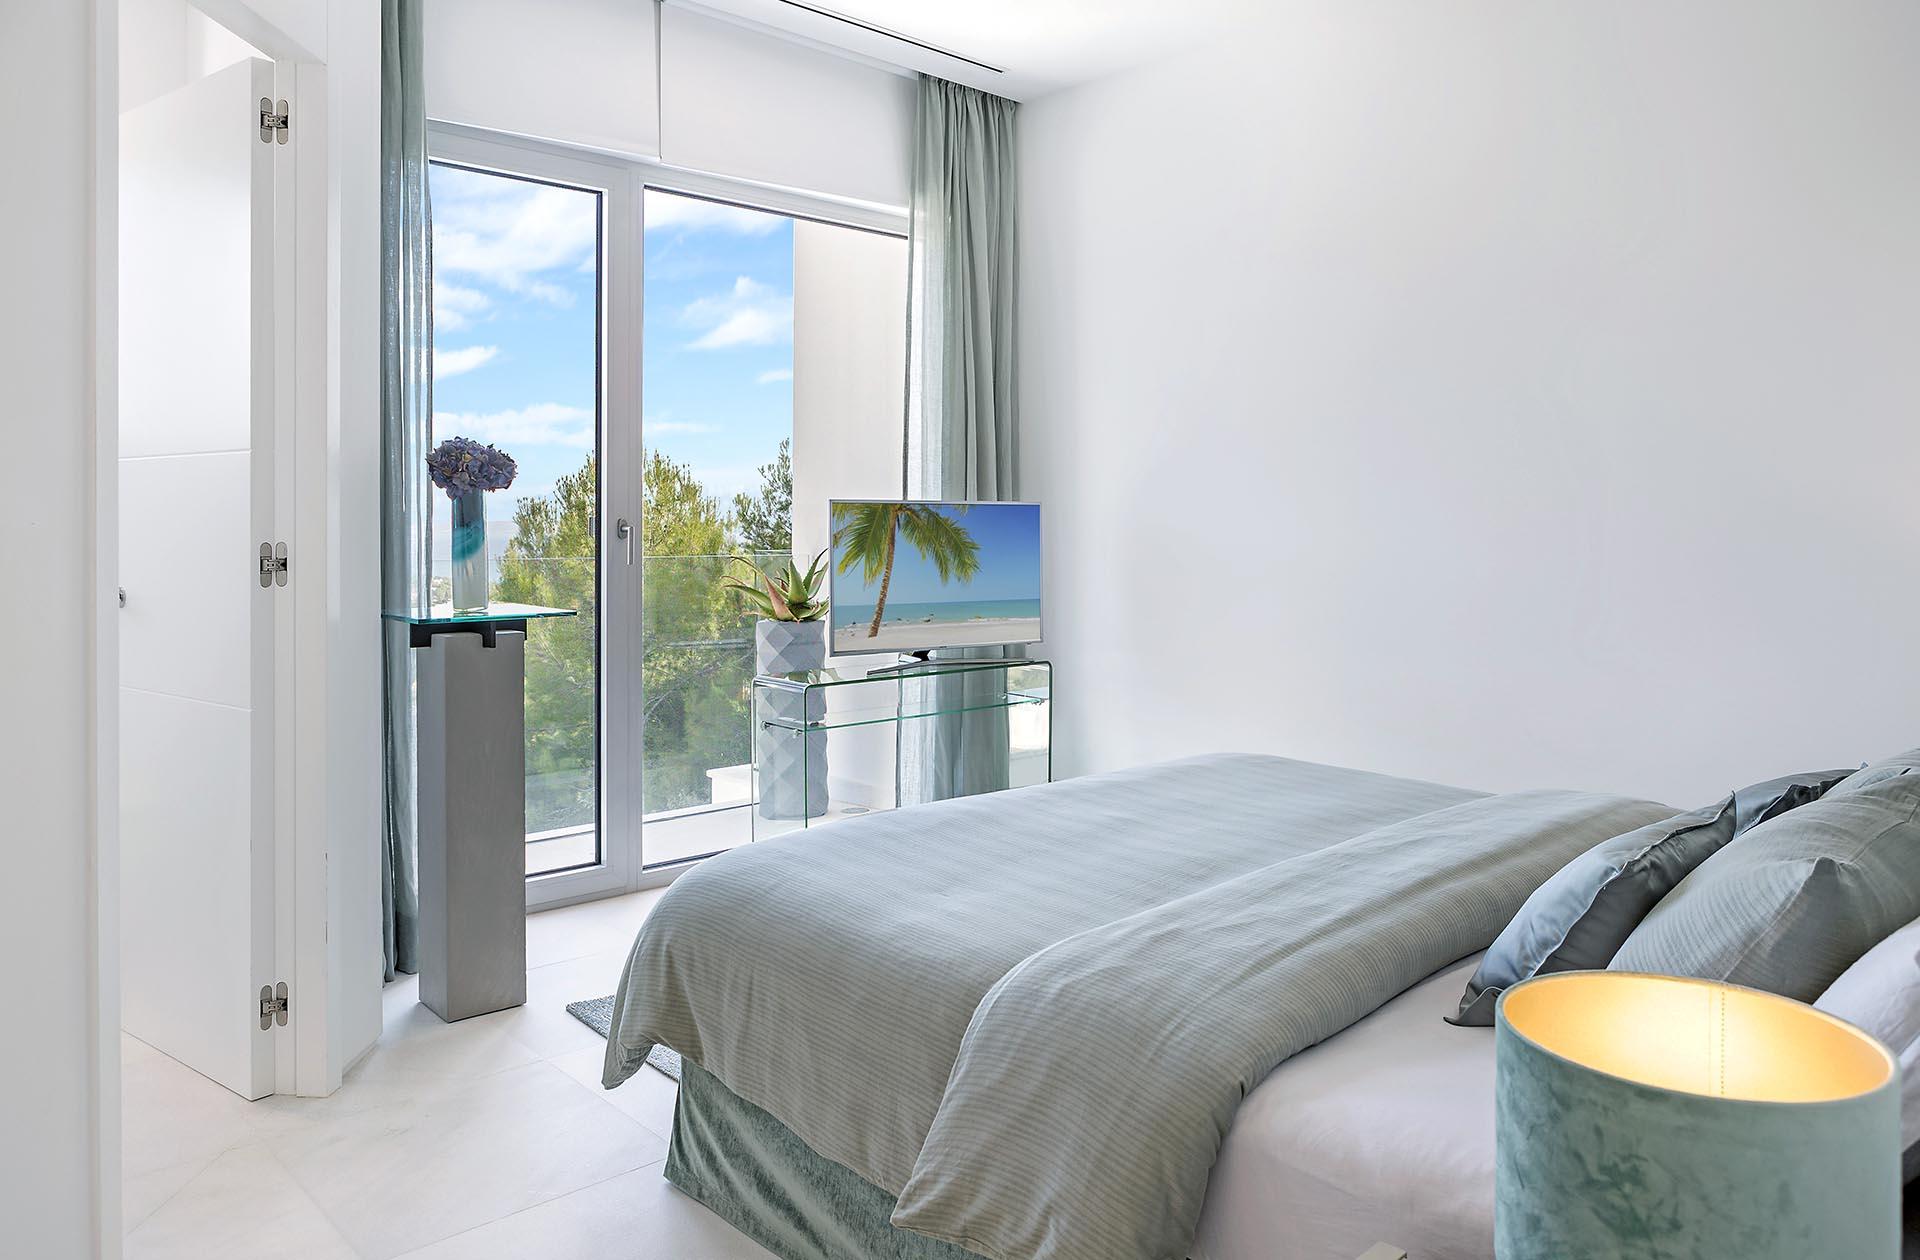 Beautiful modern villa in Costa den Blanes - Bright bedroom